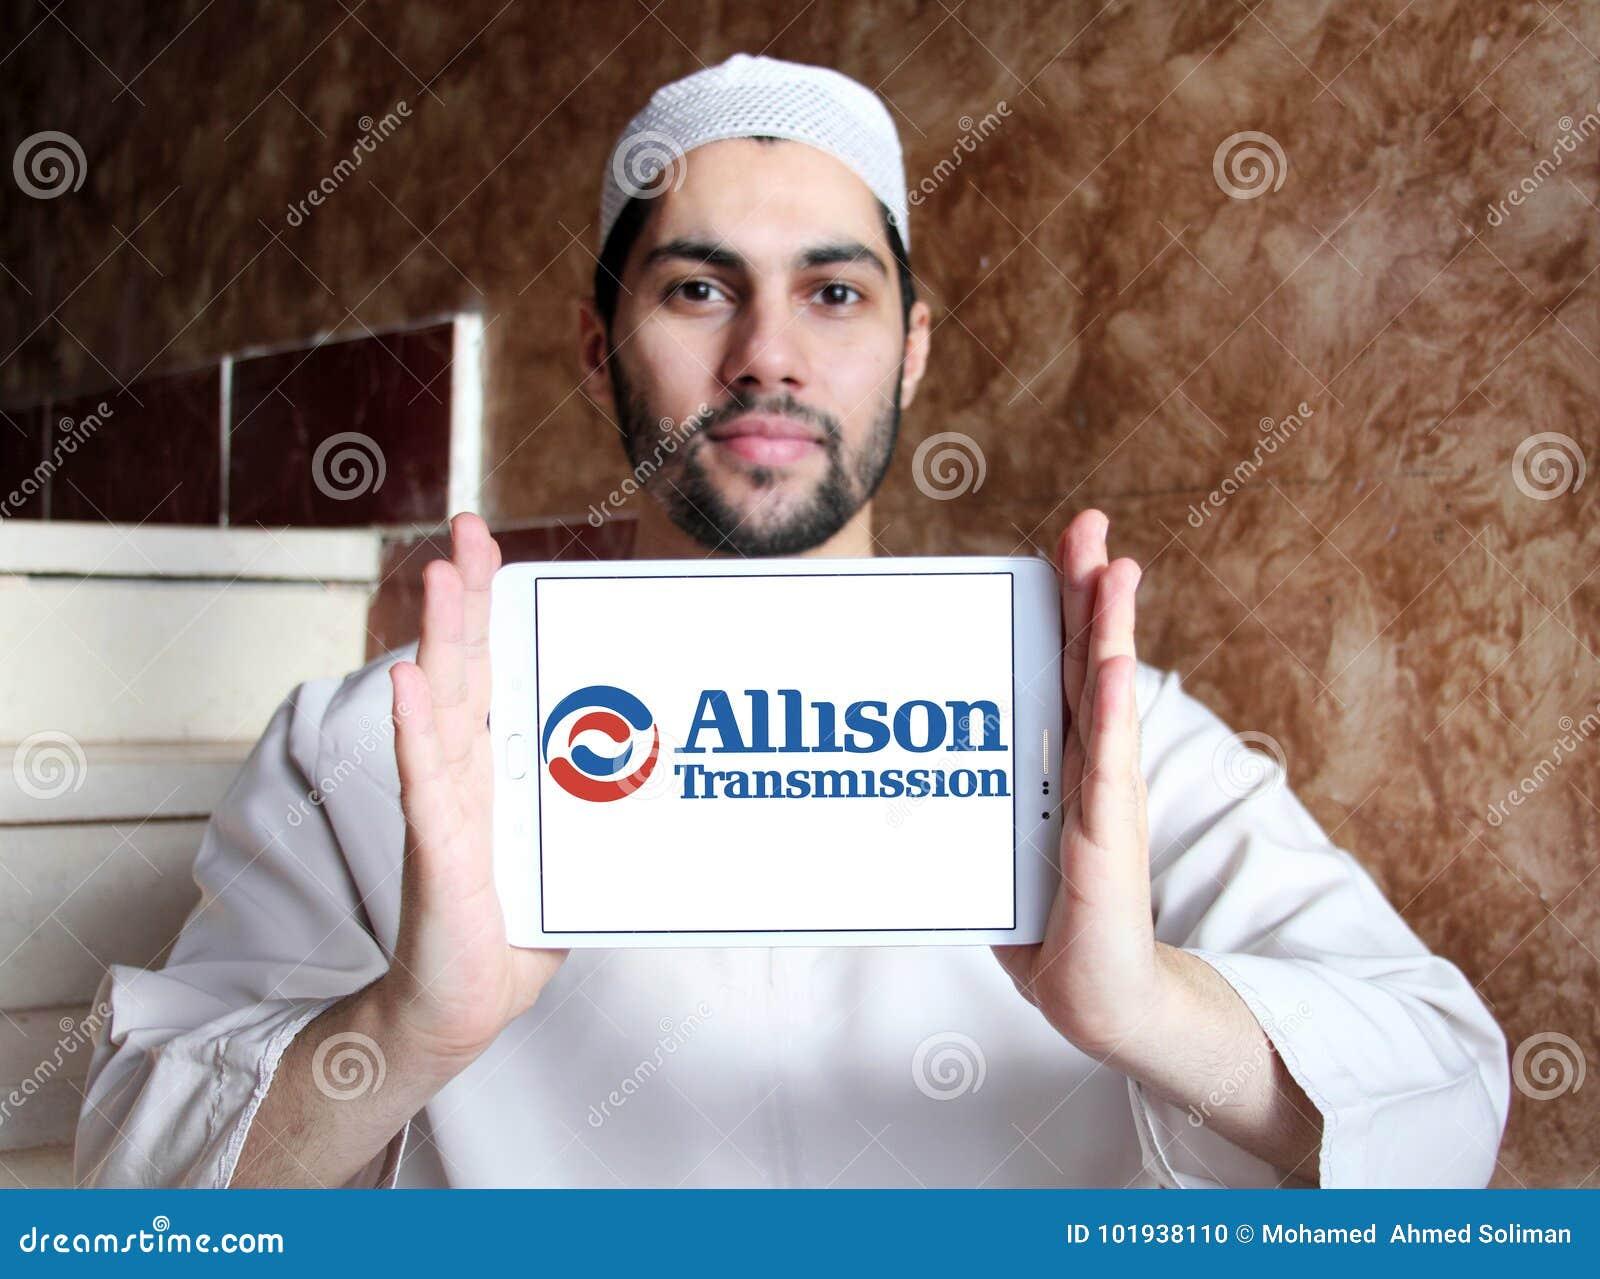 Allison Transmission Logo Editorial Image Image Of Icons 101938110